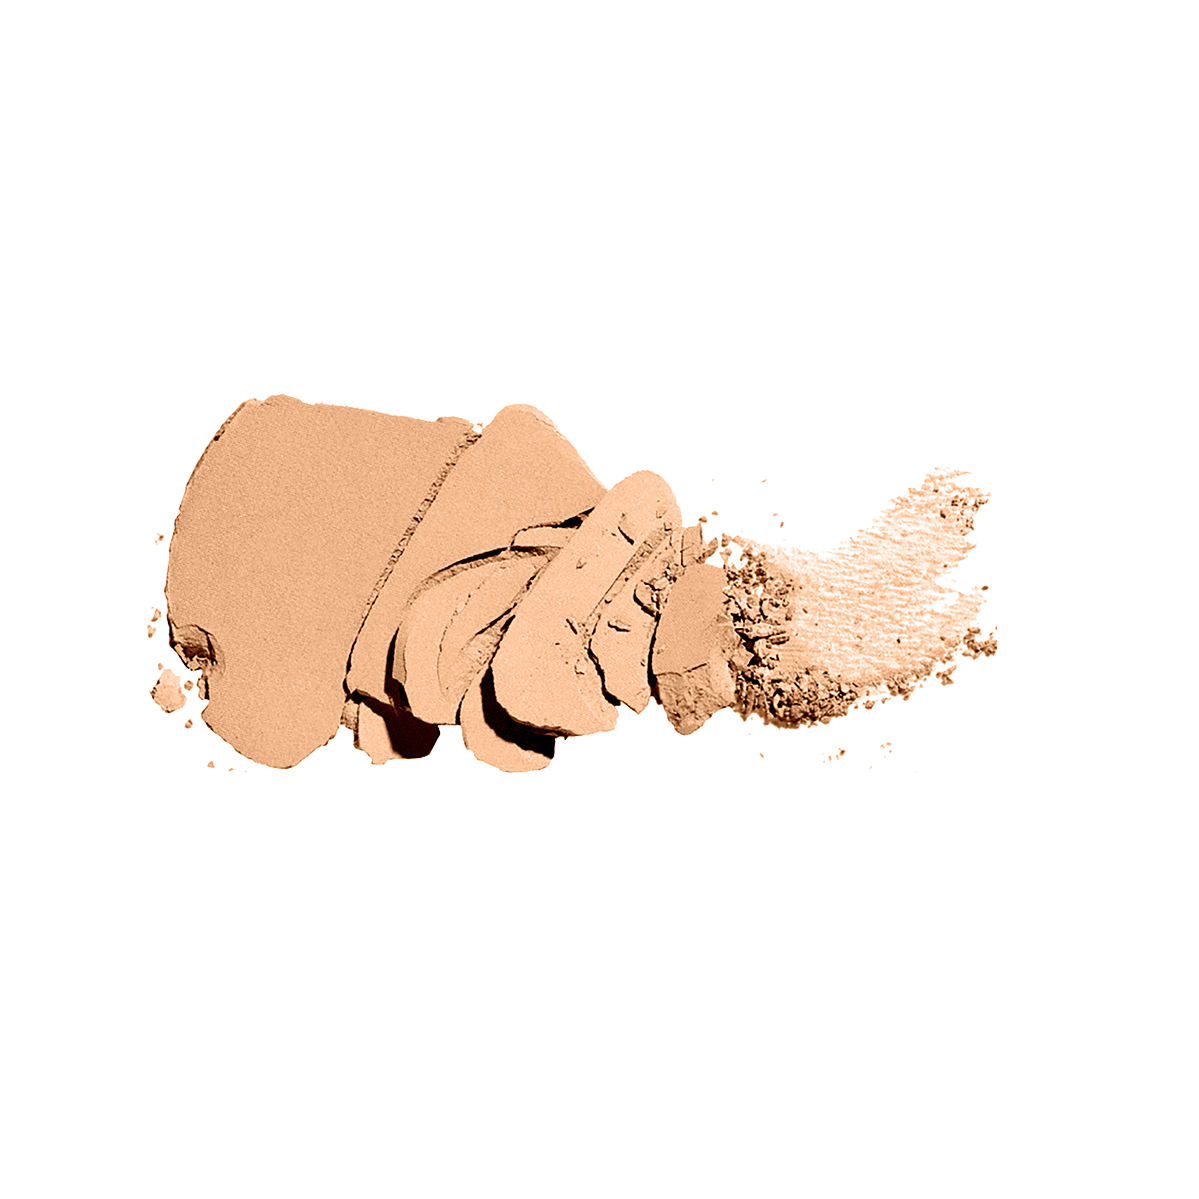 collab-kill-the-shine-pressed-powder-beigetan-shade.png